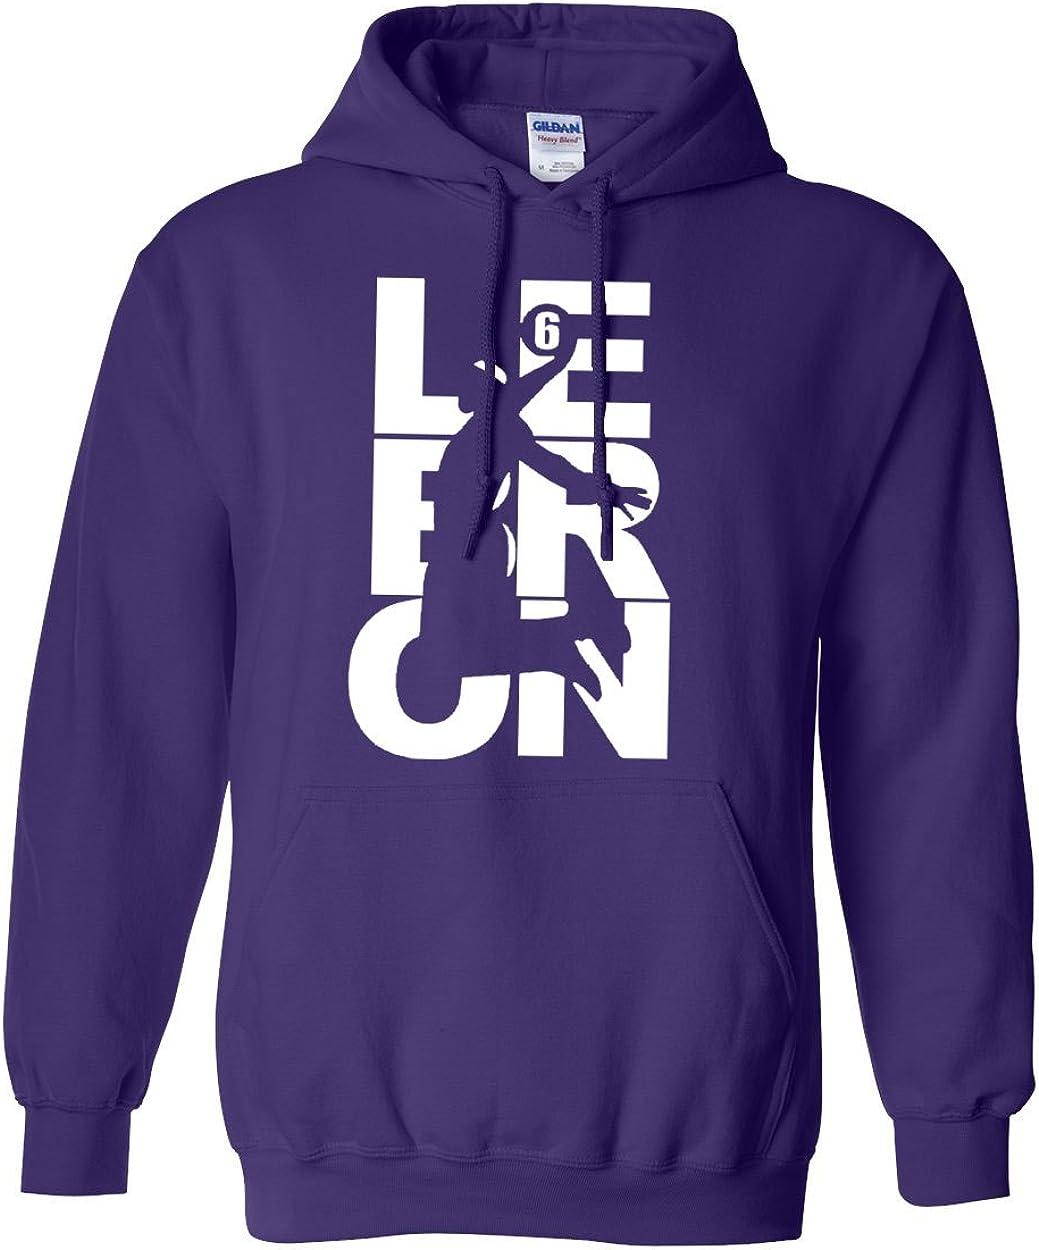 Lebron Fan Wear # 6 Vintage Hoodie Sports Sweatshirt